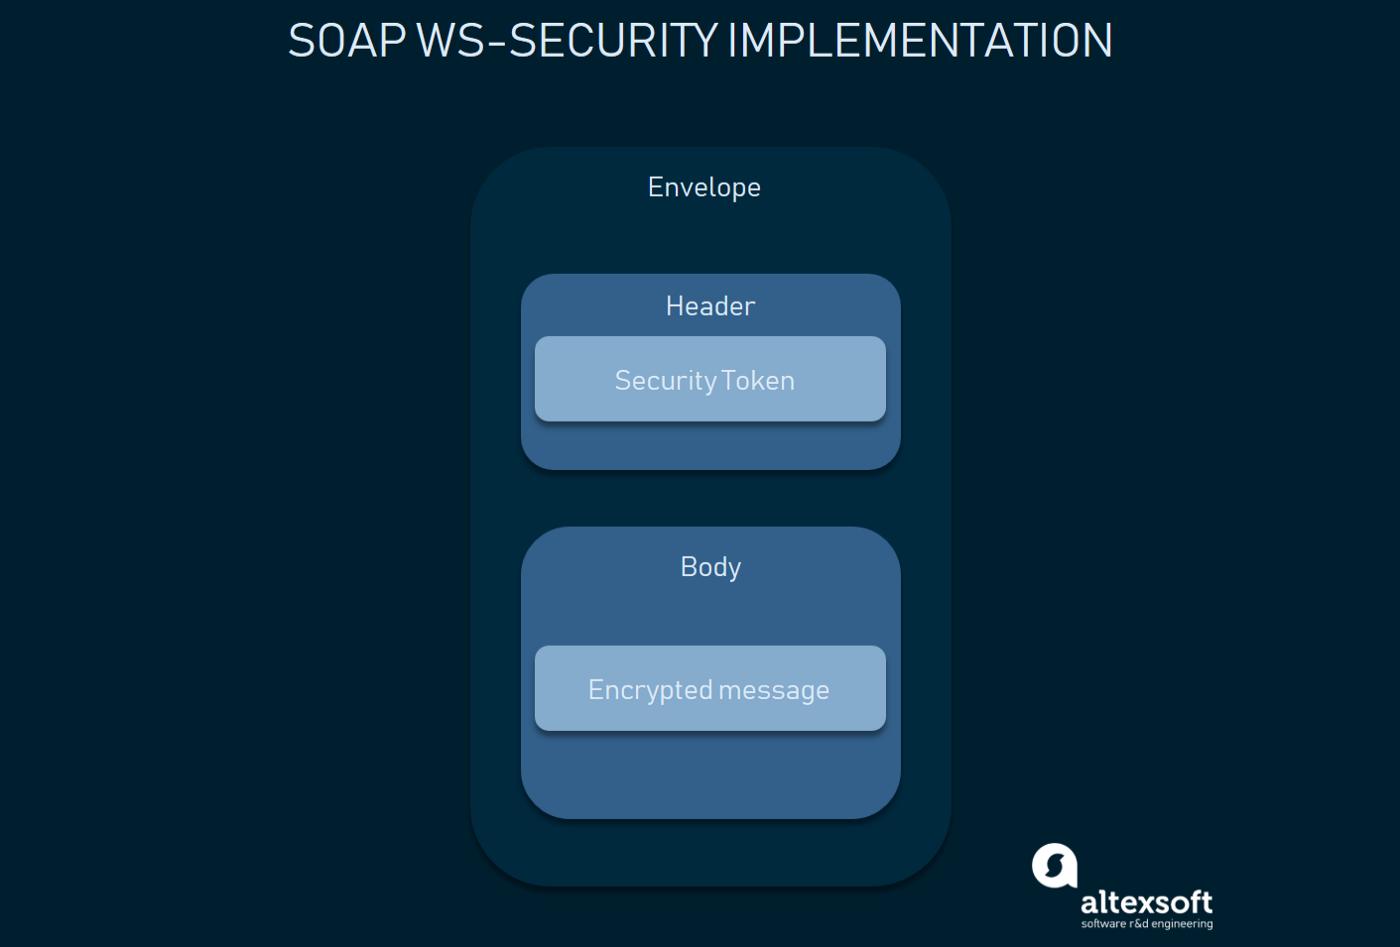 SOAP消息级别的安全性:头元素中的认证数据和加密的主体